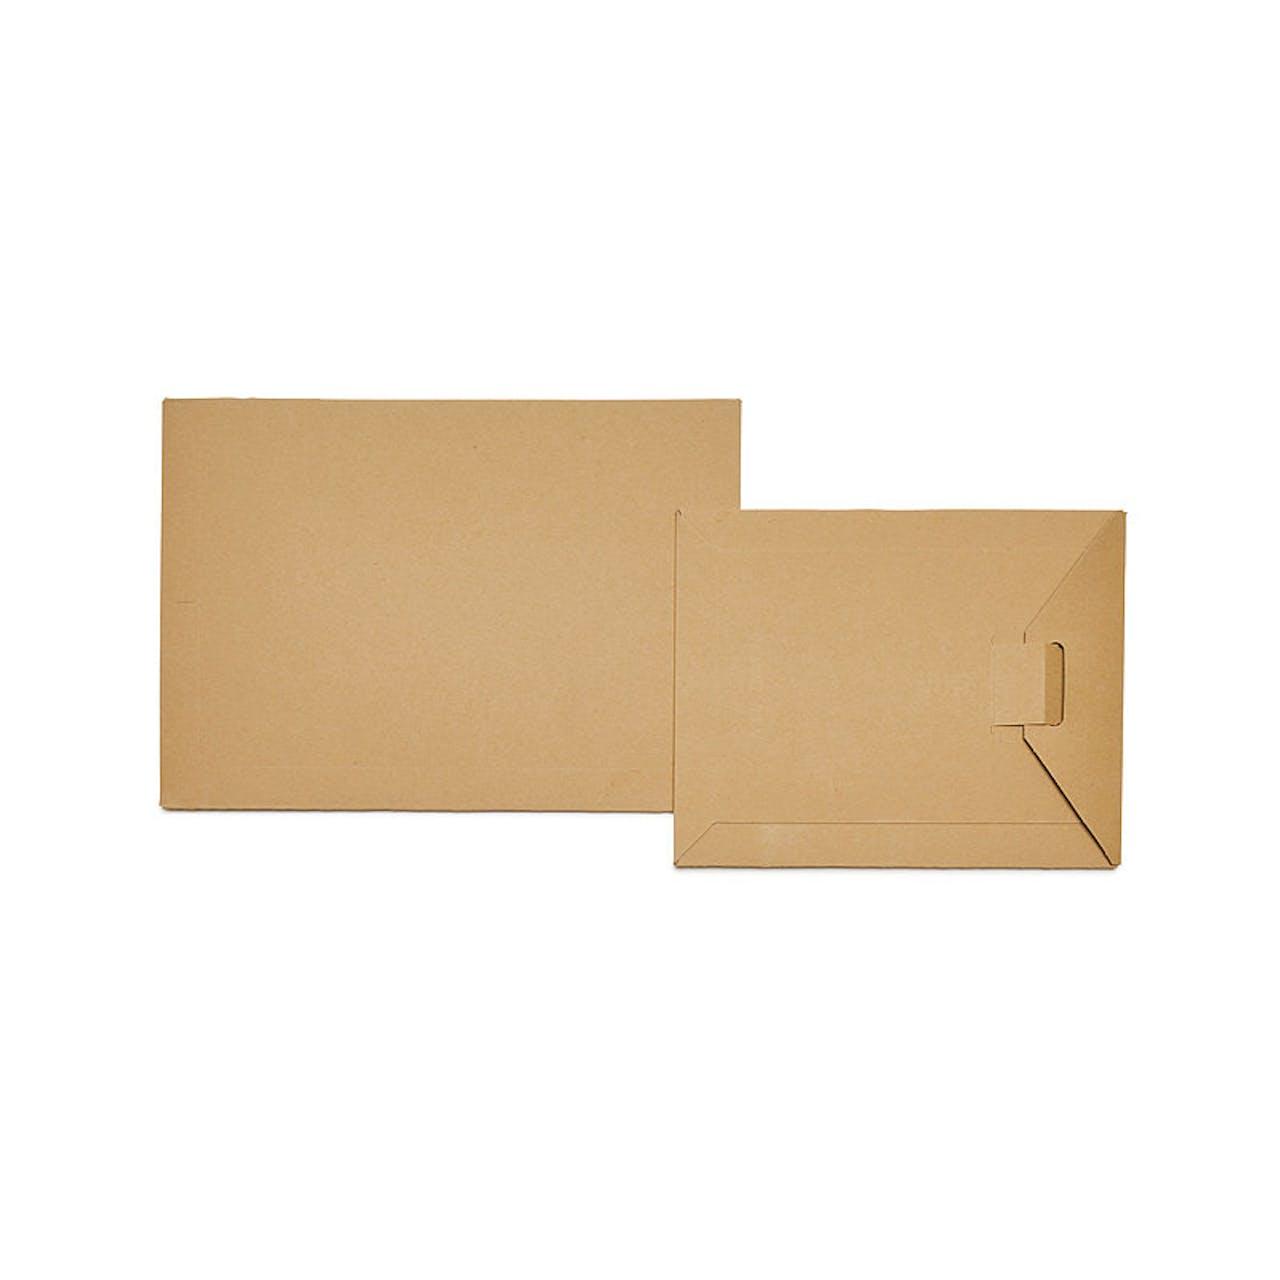 Kantenschutz-Versandtasche, 310 x 445 mm, DIN A3, 172 g, aus Vollpappe